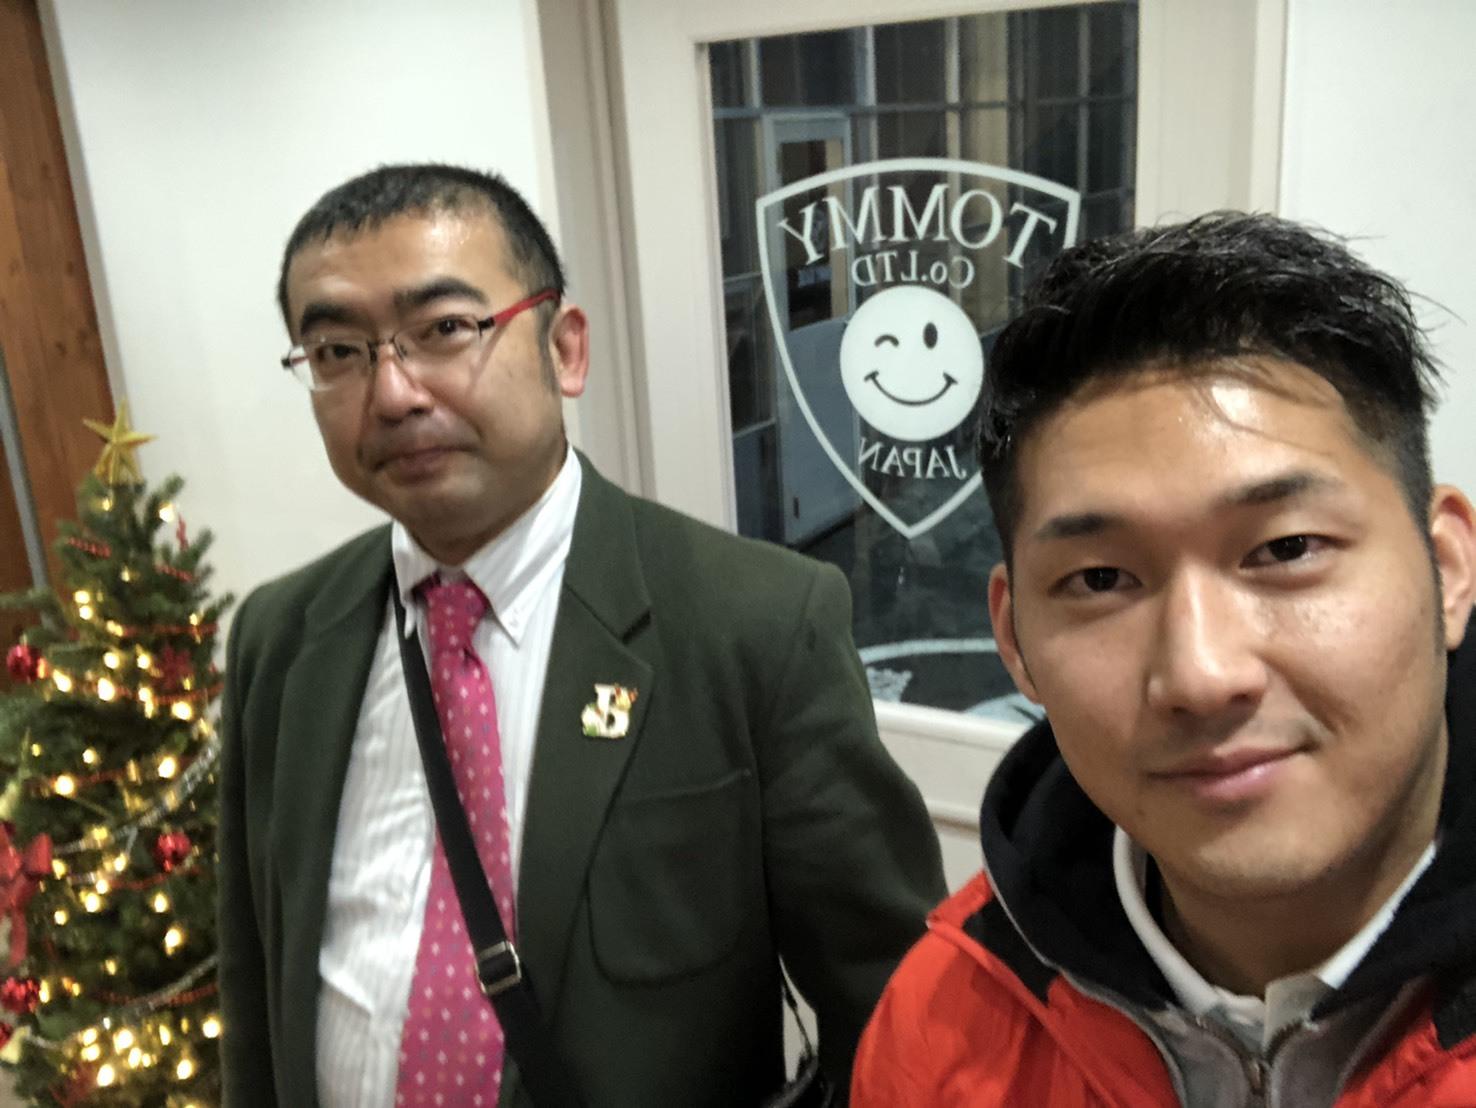 12月17日(火)トミーベースブログ☆レクサス♬LS460🎶LS600🎶フーガ♬スバル☆フォレスター☆レガシィ☆限定車🎶自社ローン♬ローンサポート_b0127002_18402765.jpg